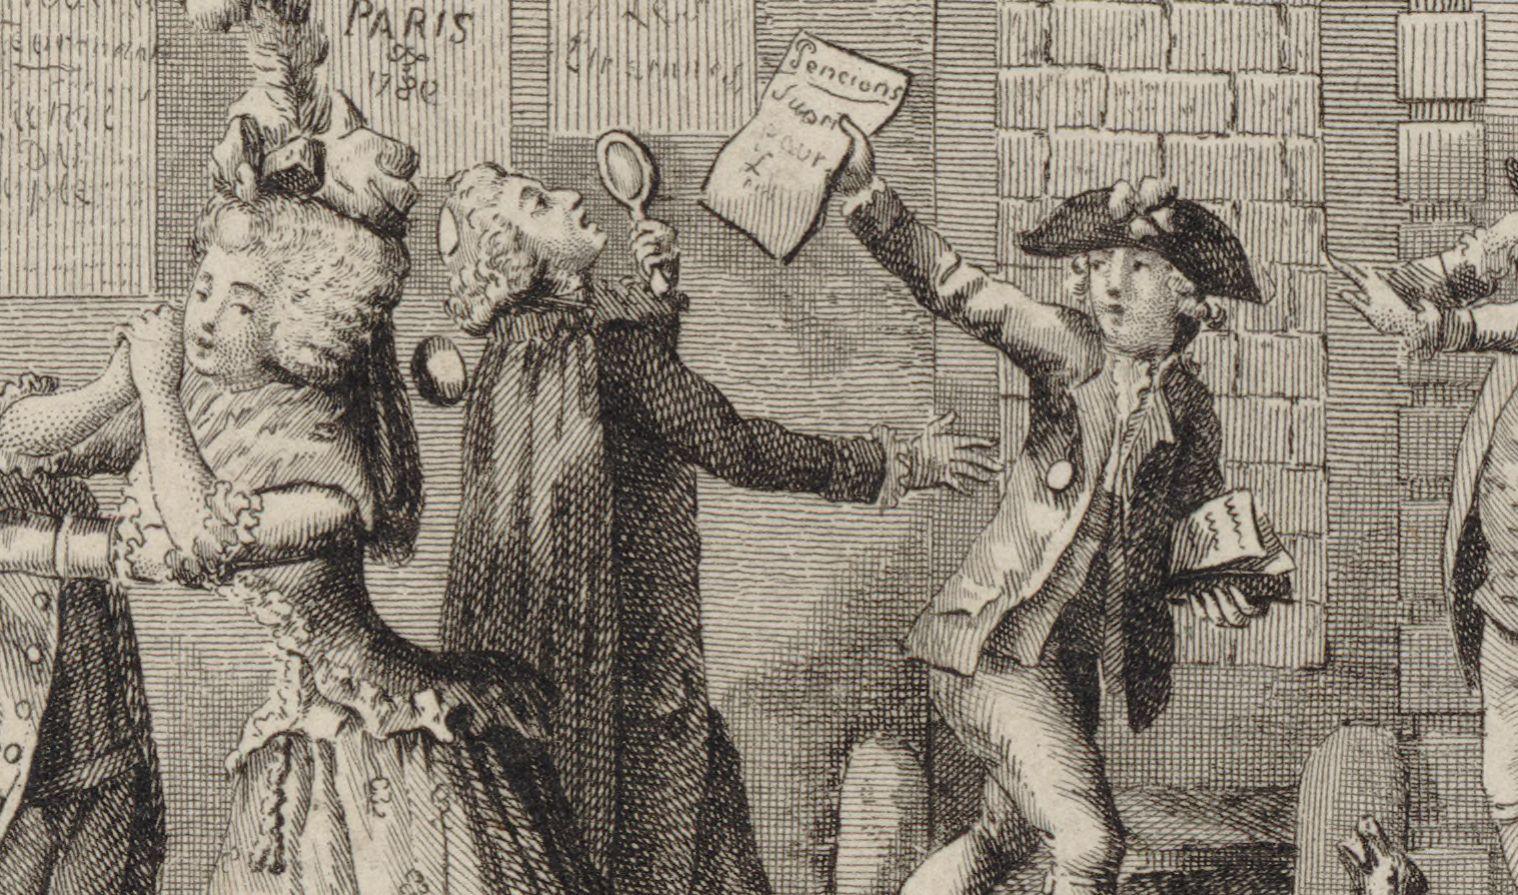 La dénonciation publique sous la Révolution, une pratique citoyenne ?